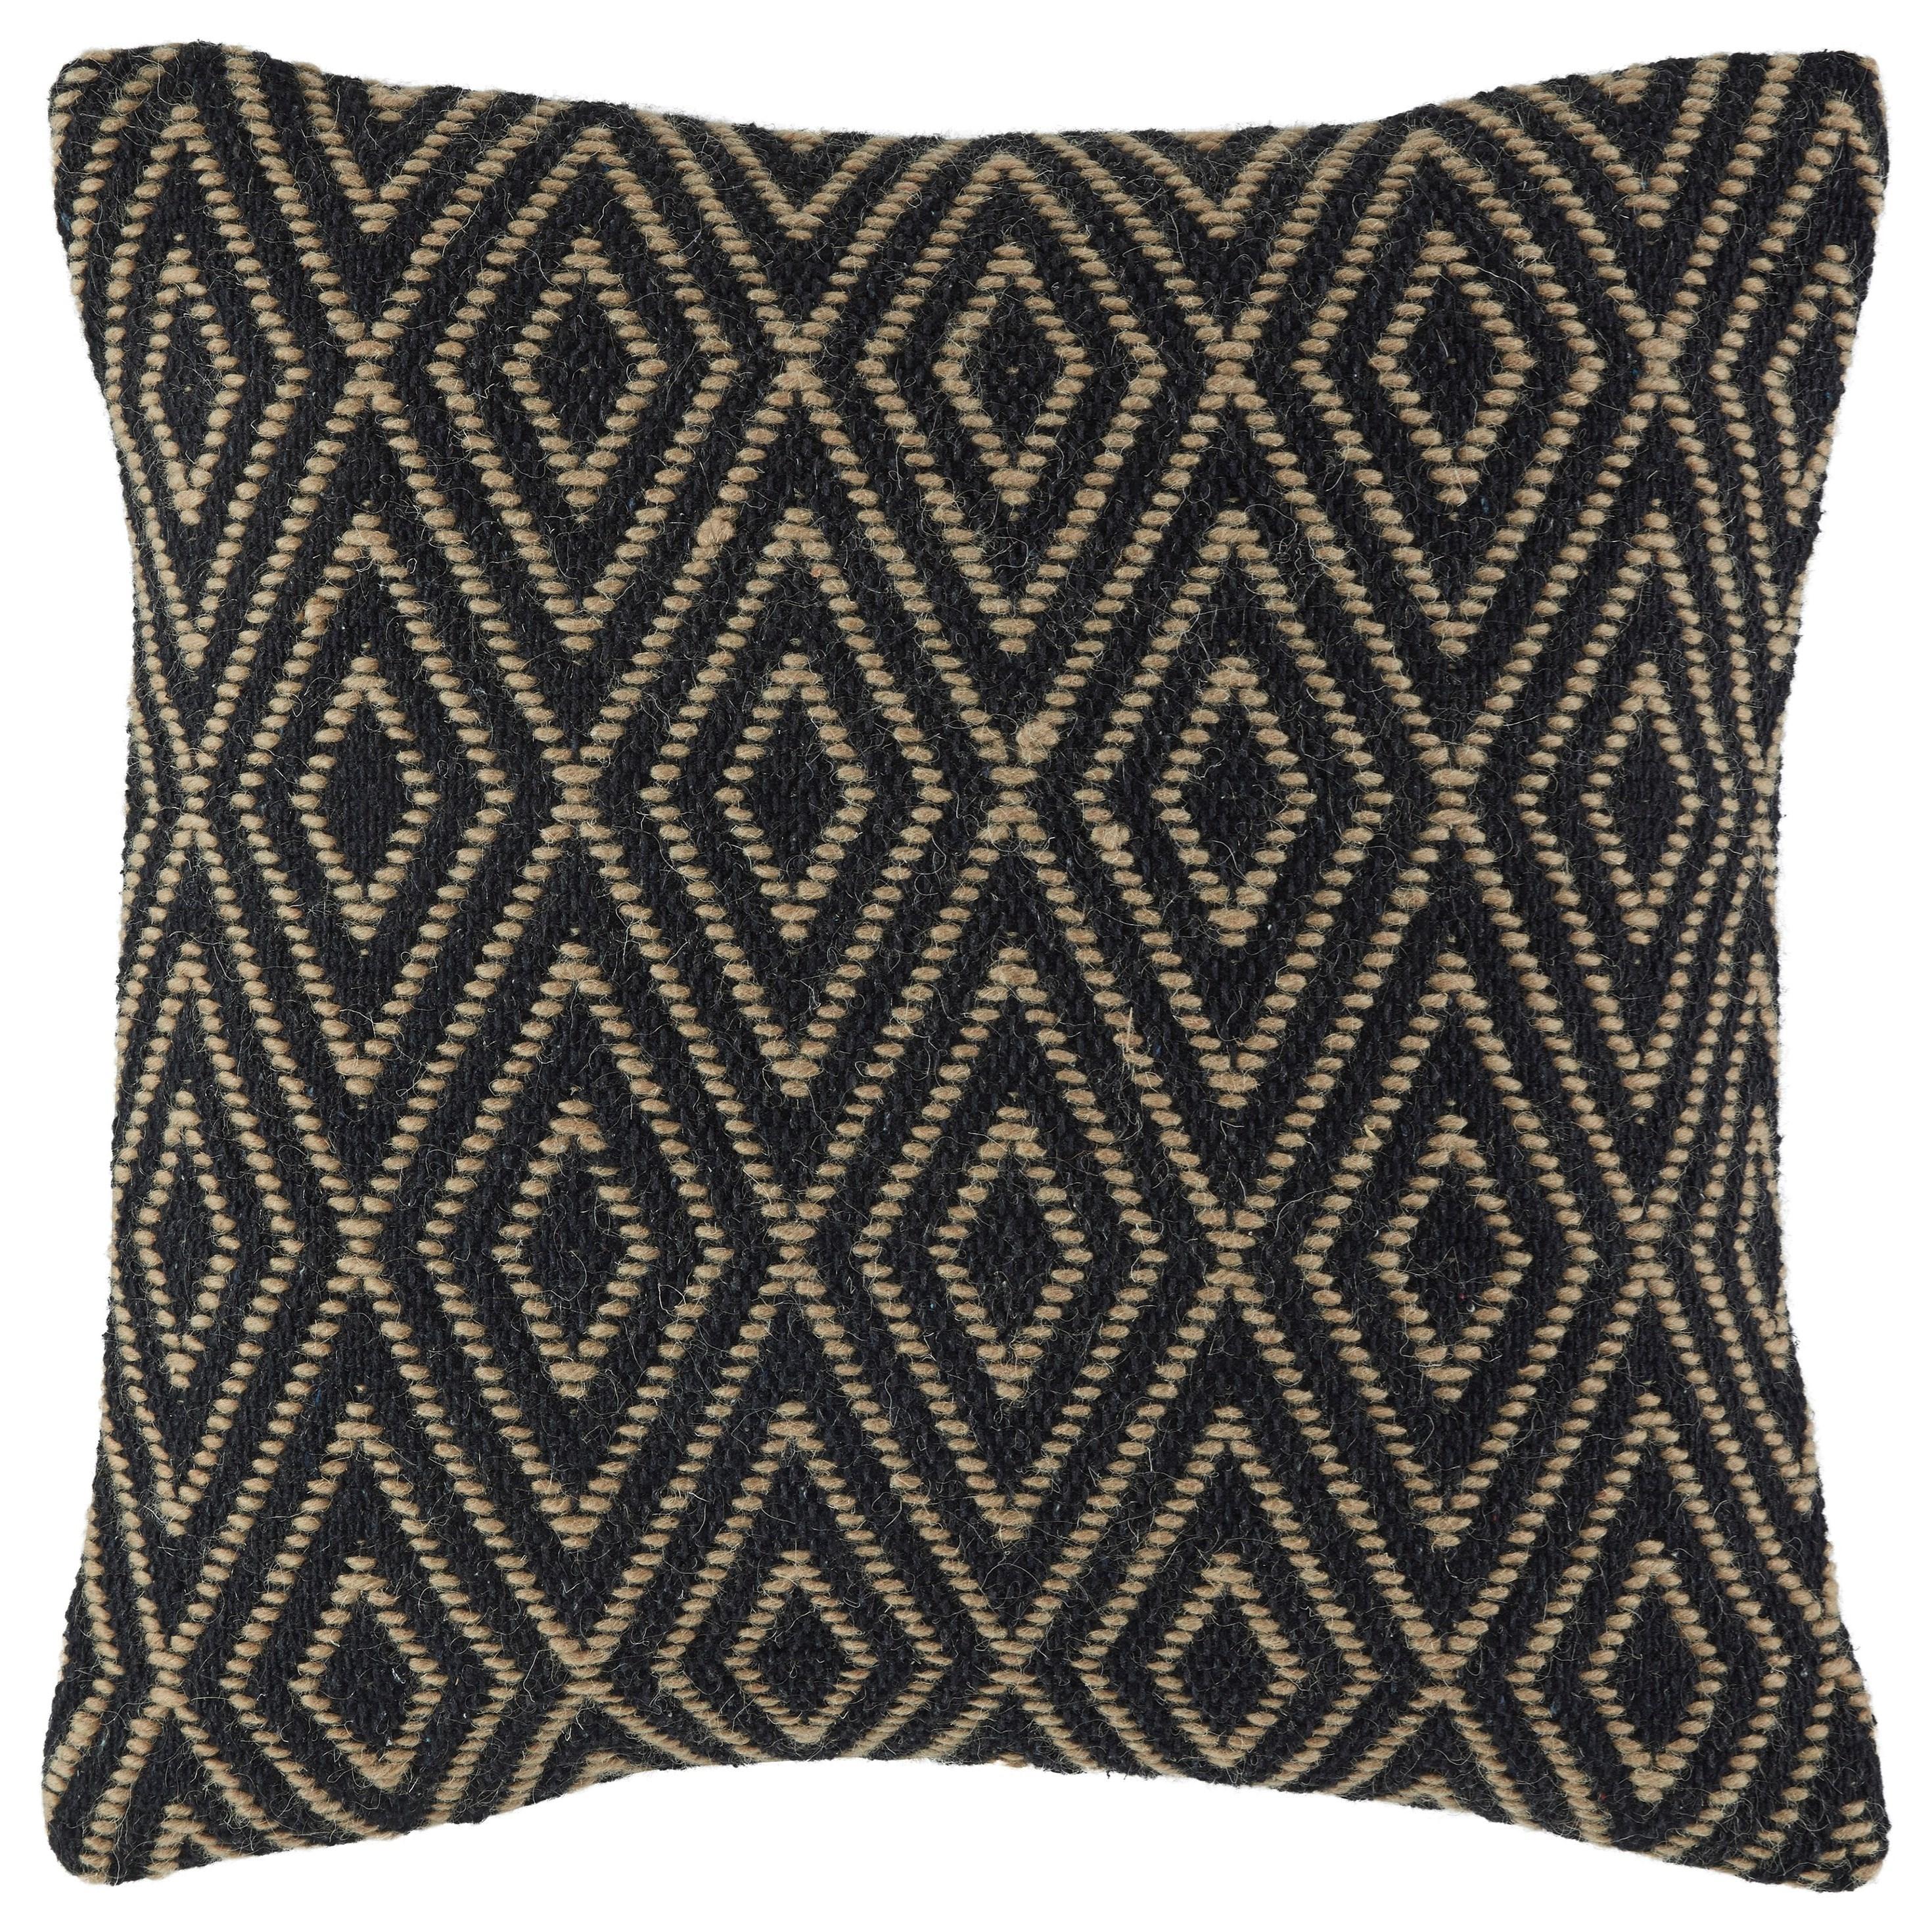 Pillows Mitt Black/Tan Pillow by Vendor 3 at Becker Furniture